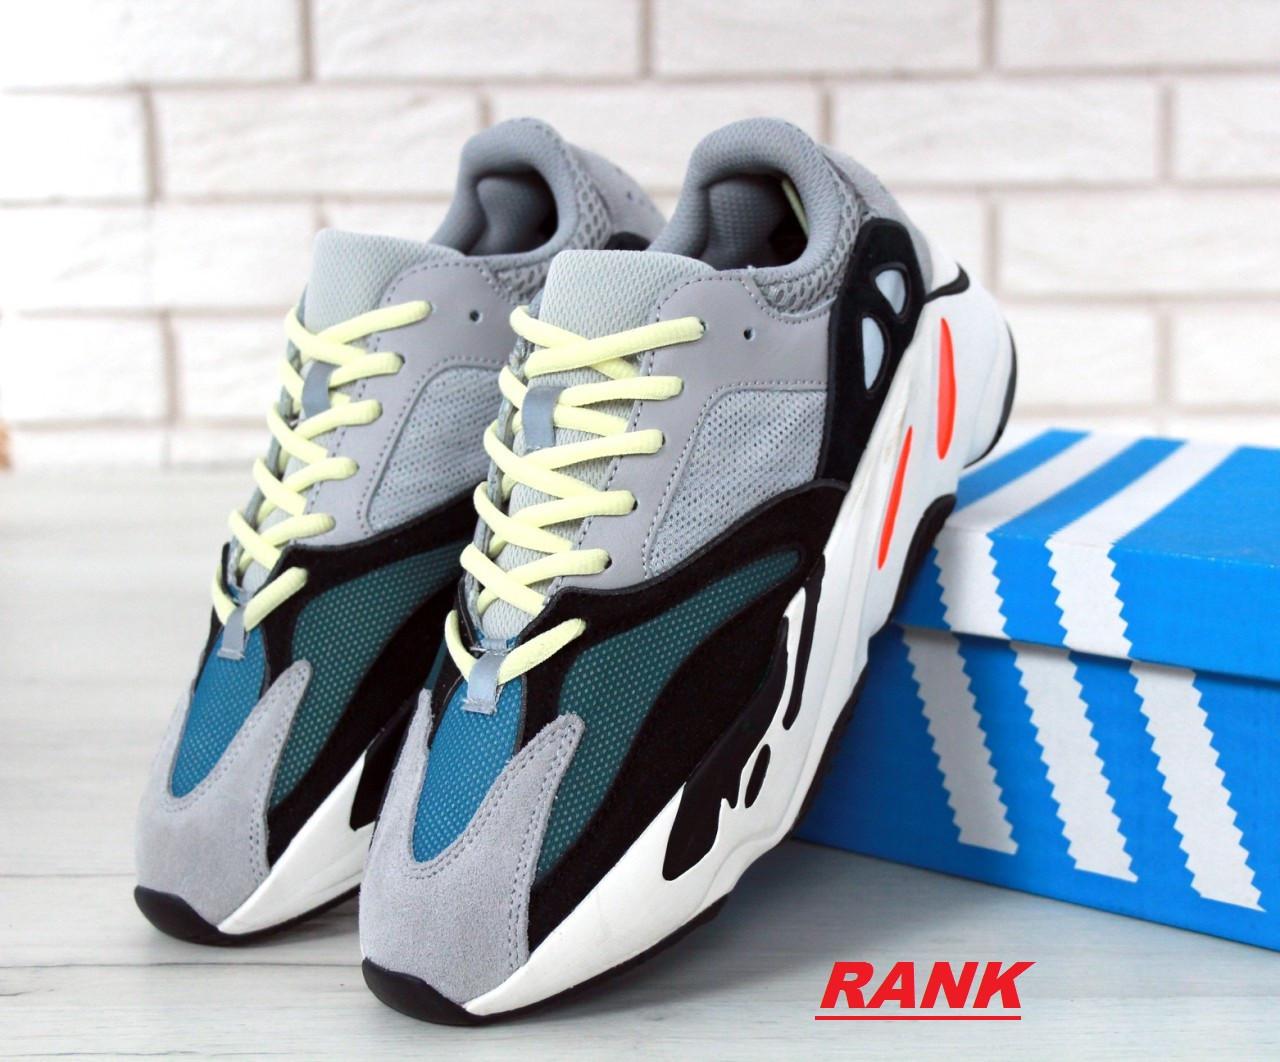 242aa496 Кроссовки мужские Adidas Yeezy Boost 700 в стиле Адидас Изи Буст 700,  разноцветные